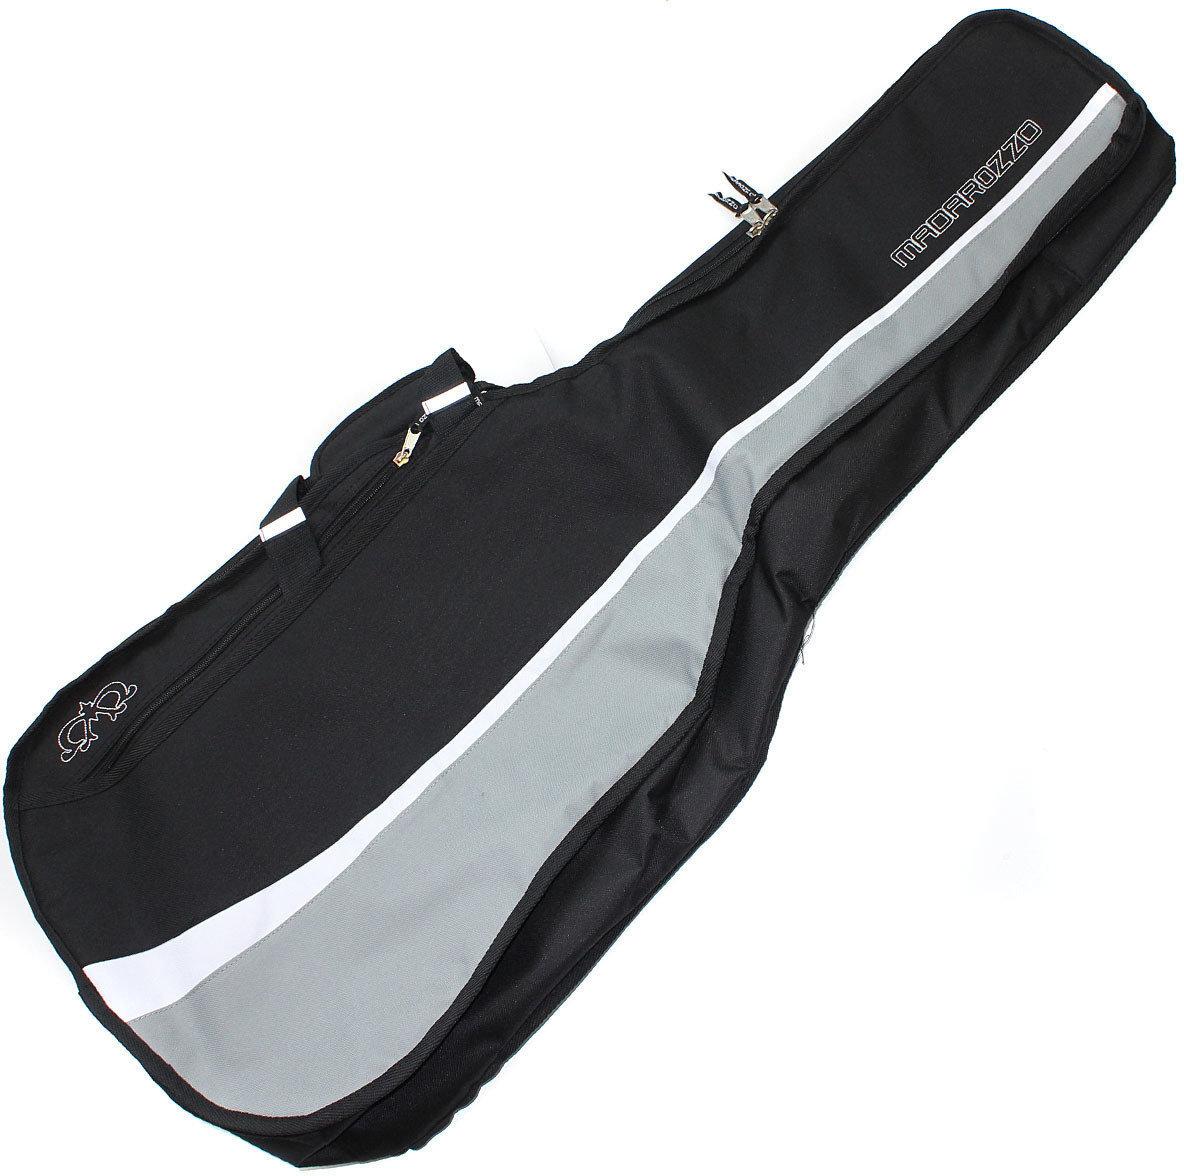 Madarozzo Gig bag - 4/4 Classical guitar